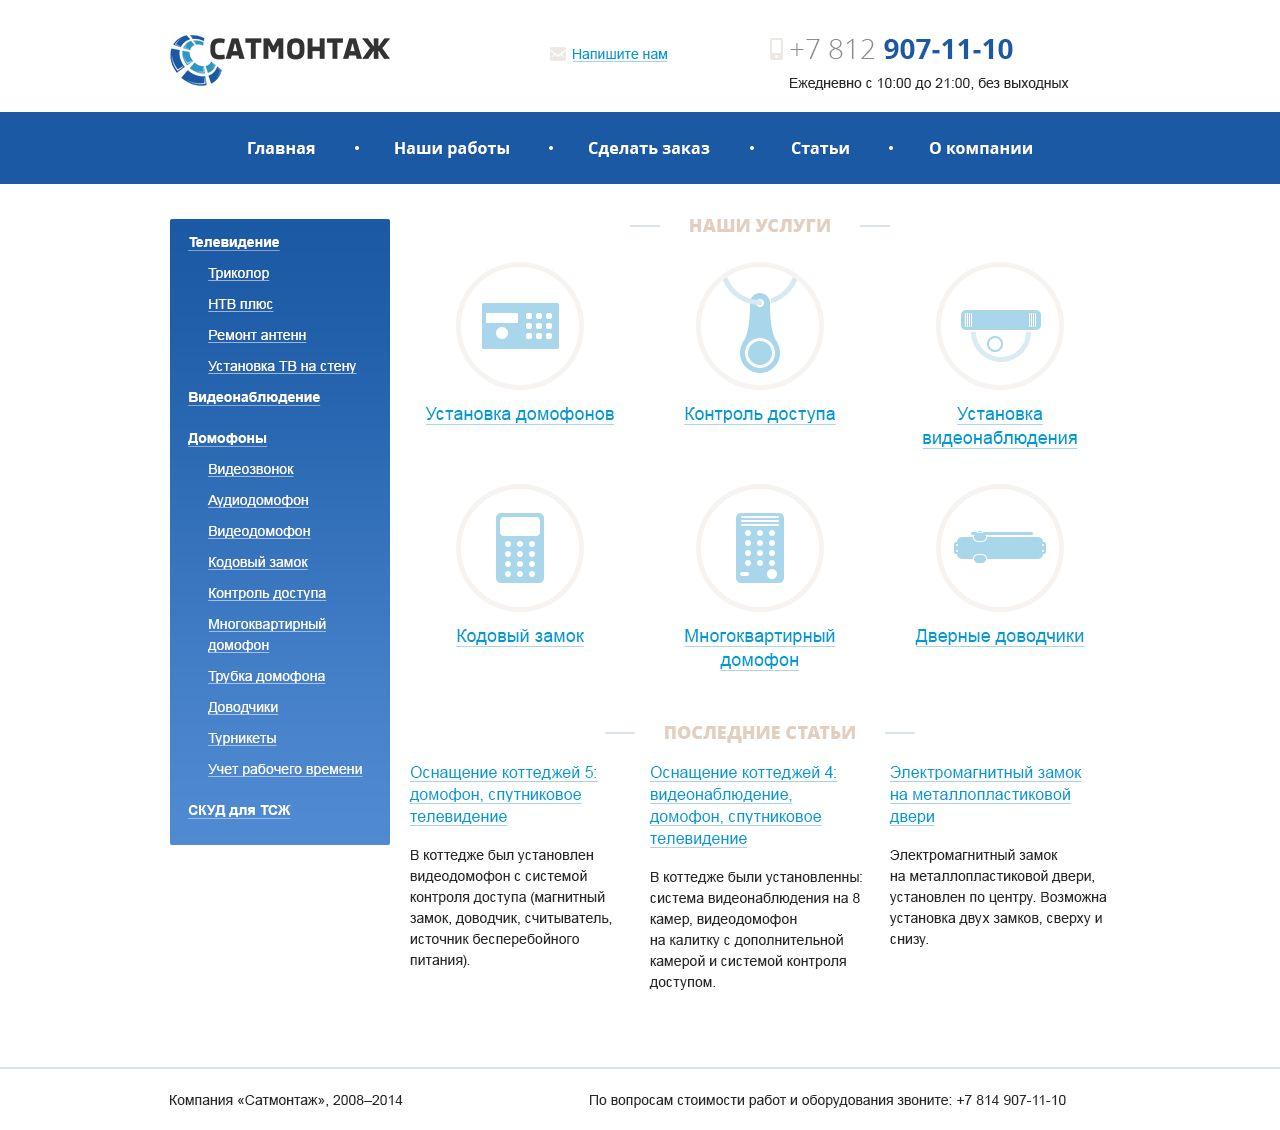 Дизайн (редизайн) существующего сайта - дизайнер nolebin